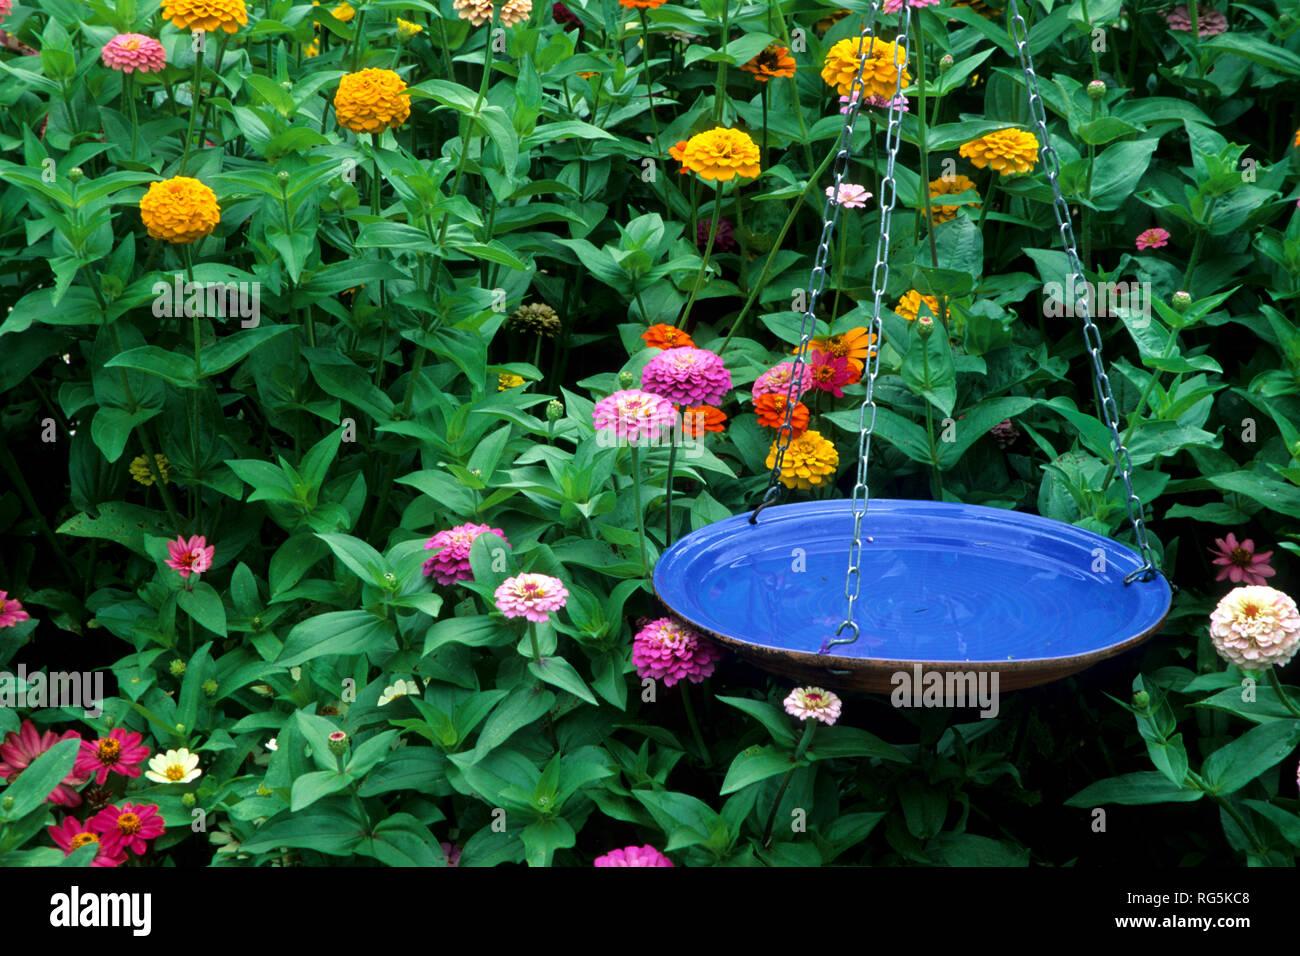 63822 00316 Hängenden Vogelbad In Vogel Blume Garten Zinnien